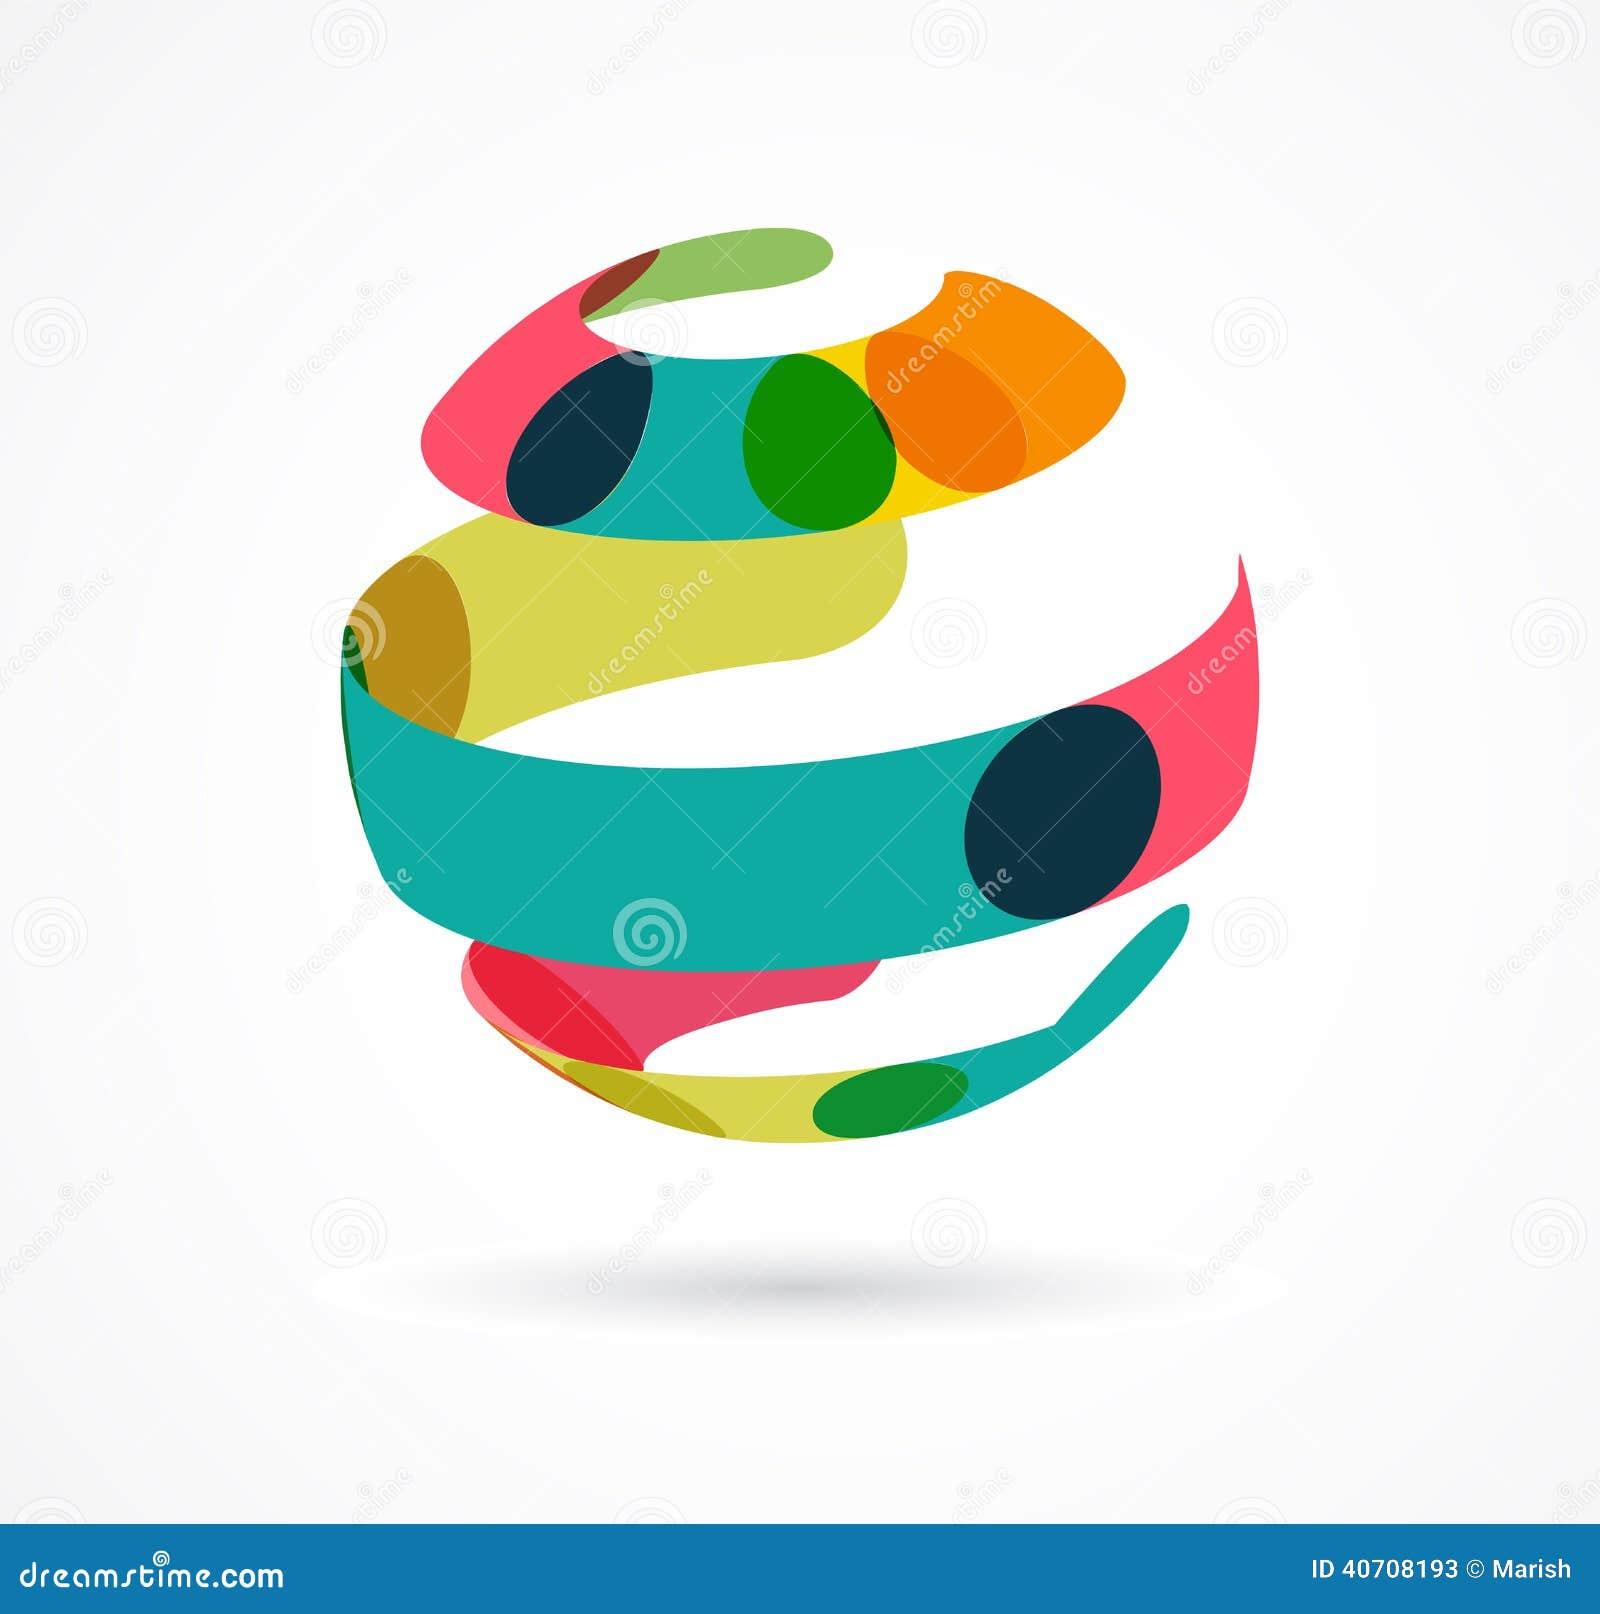 Abstract kleurrijk bol bedrijfspictogram